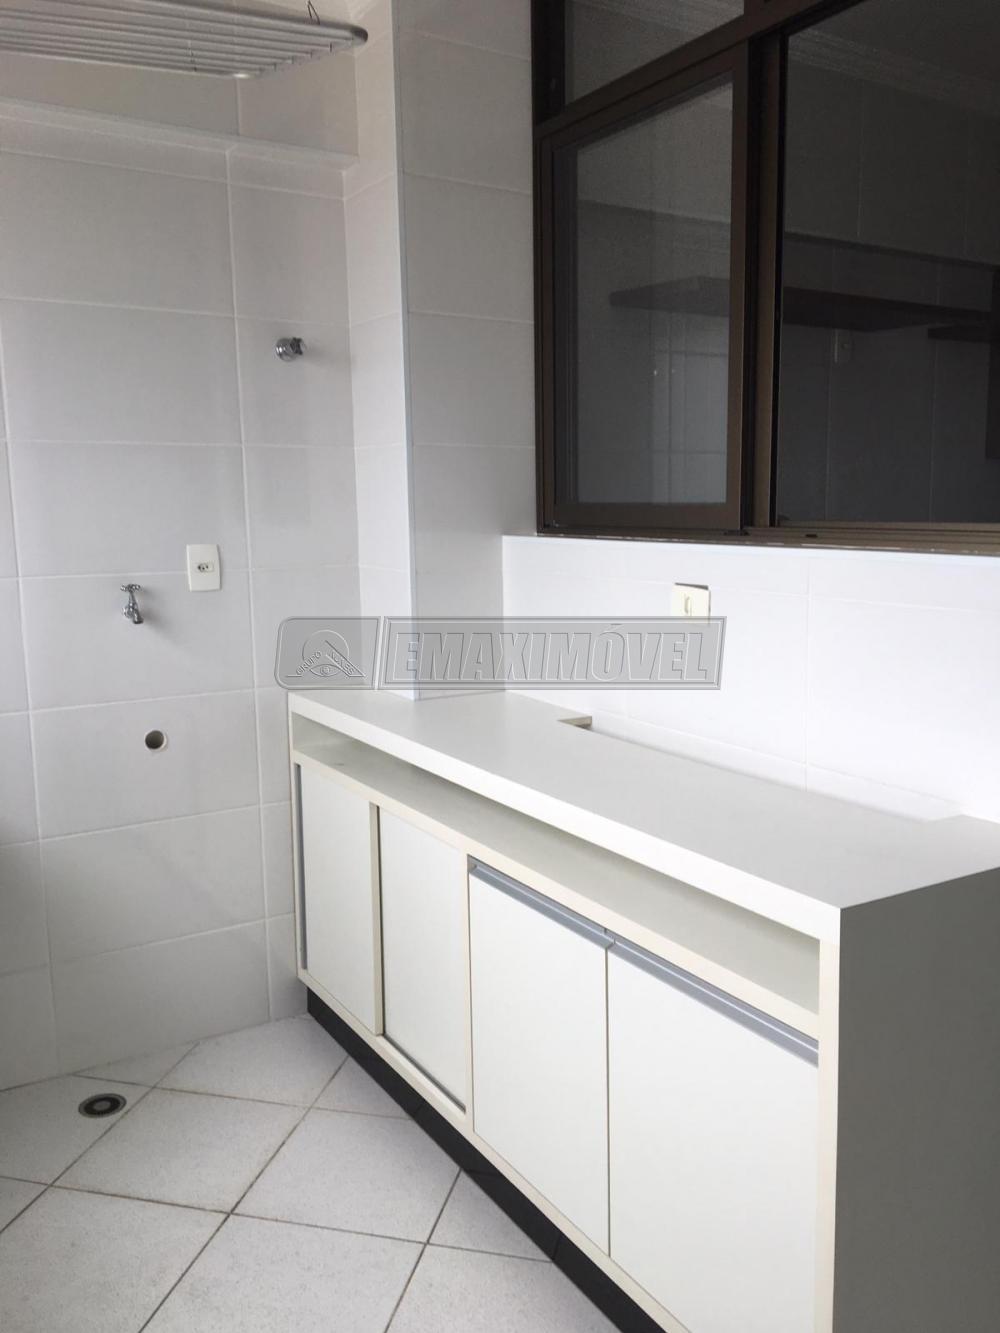 Comprar Apartamentos / Apto Padrão em Sorocaba apenas R$ 300.000,00 - Foto 4